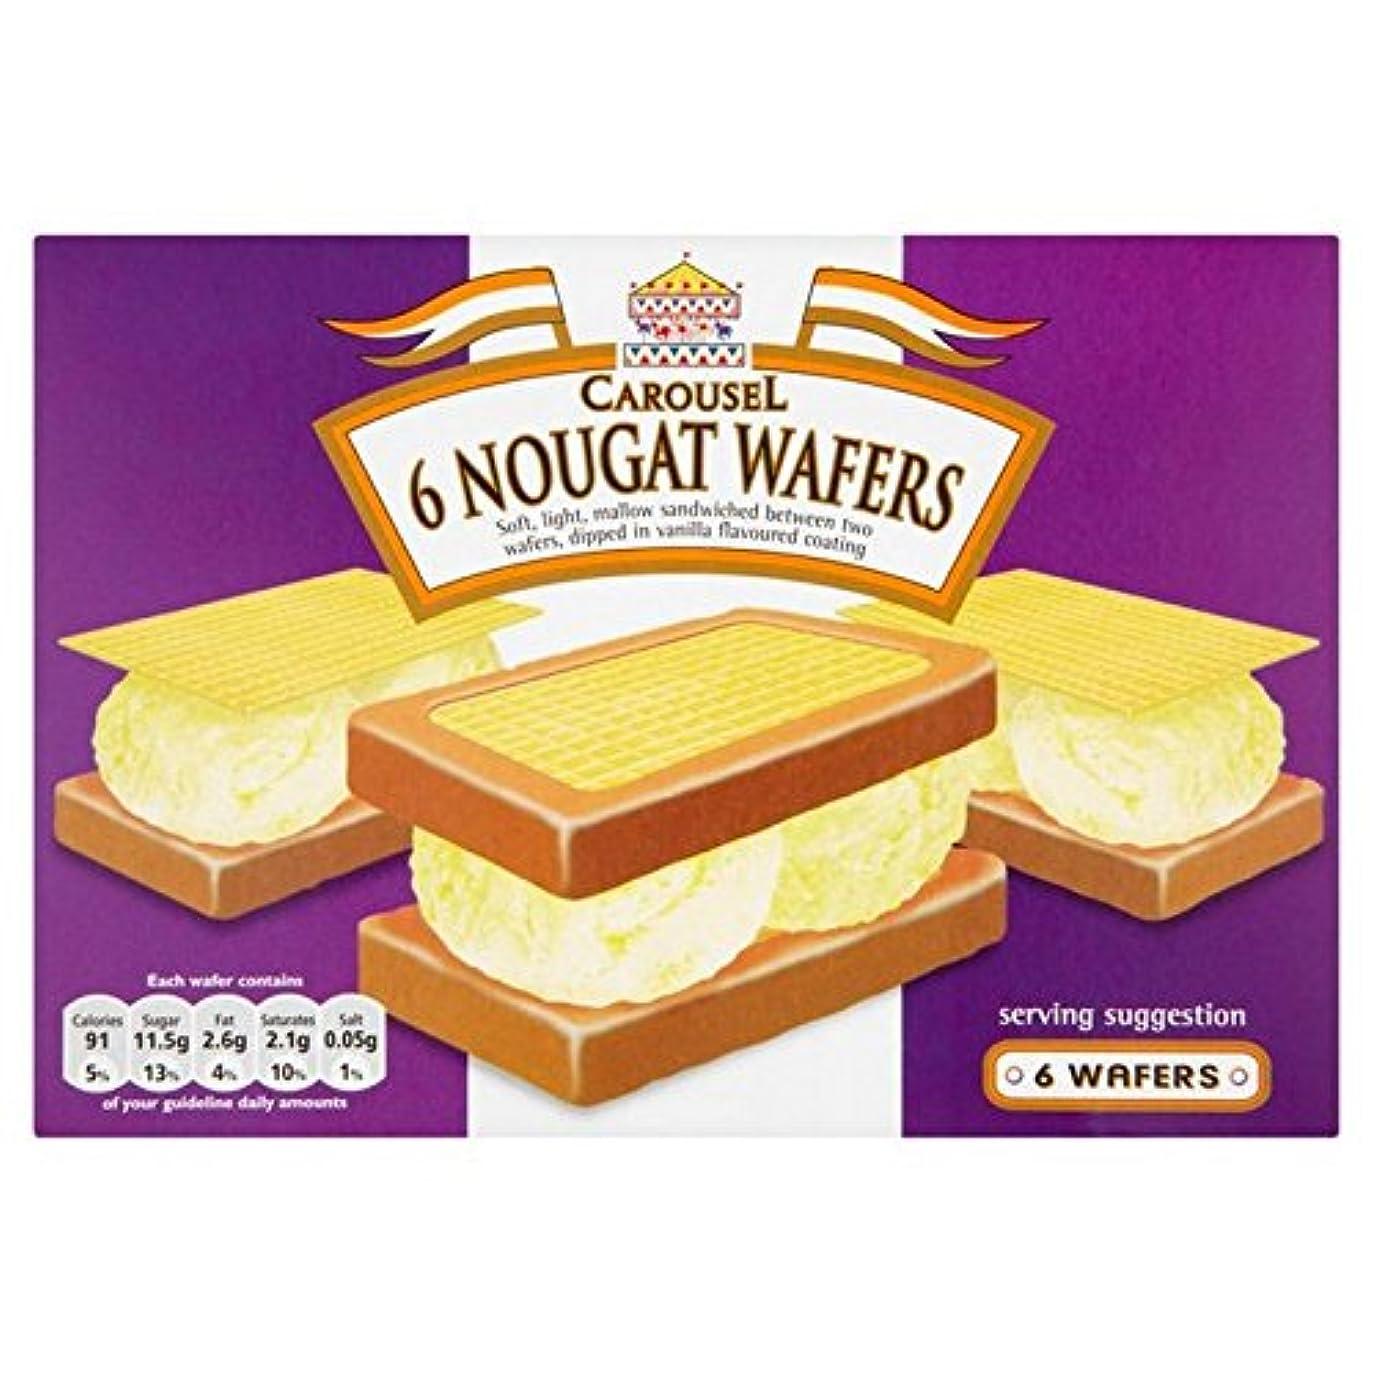 急いで理論的シネマCarousel Nougat Wafers 6 per pack - (Carousel) ヌガーウェーハ6パックあたり [並行輸入品]